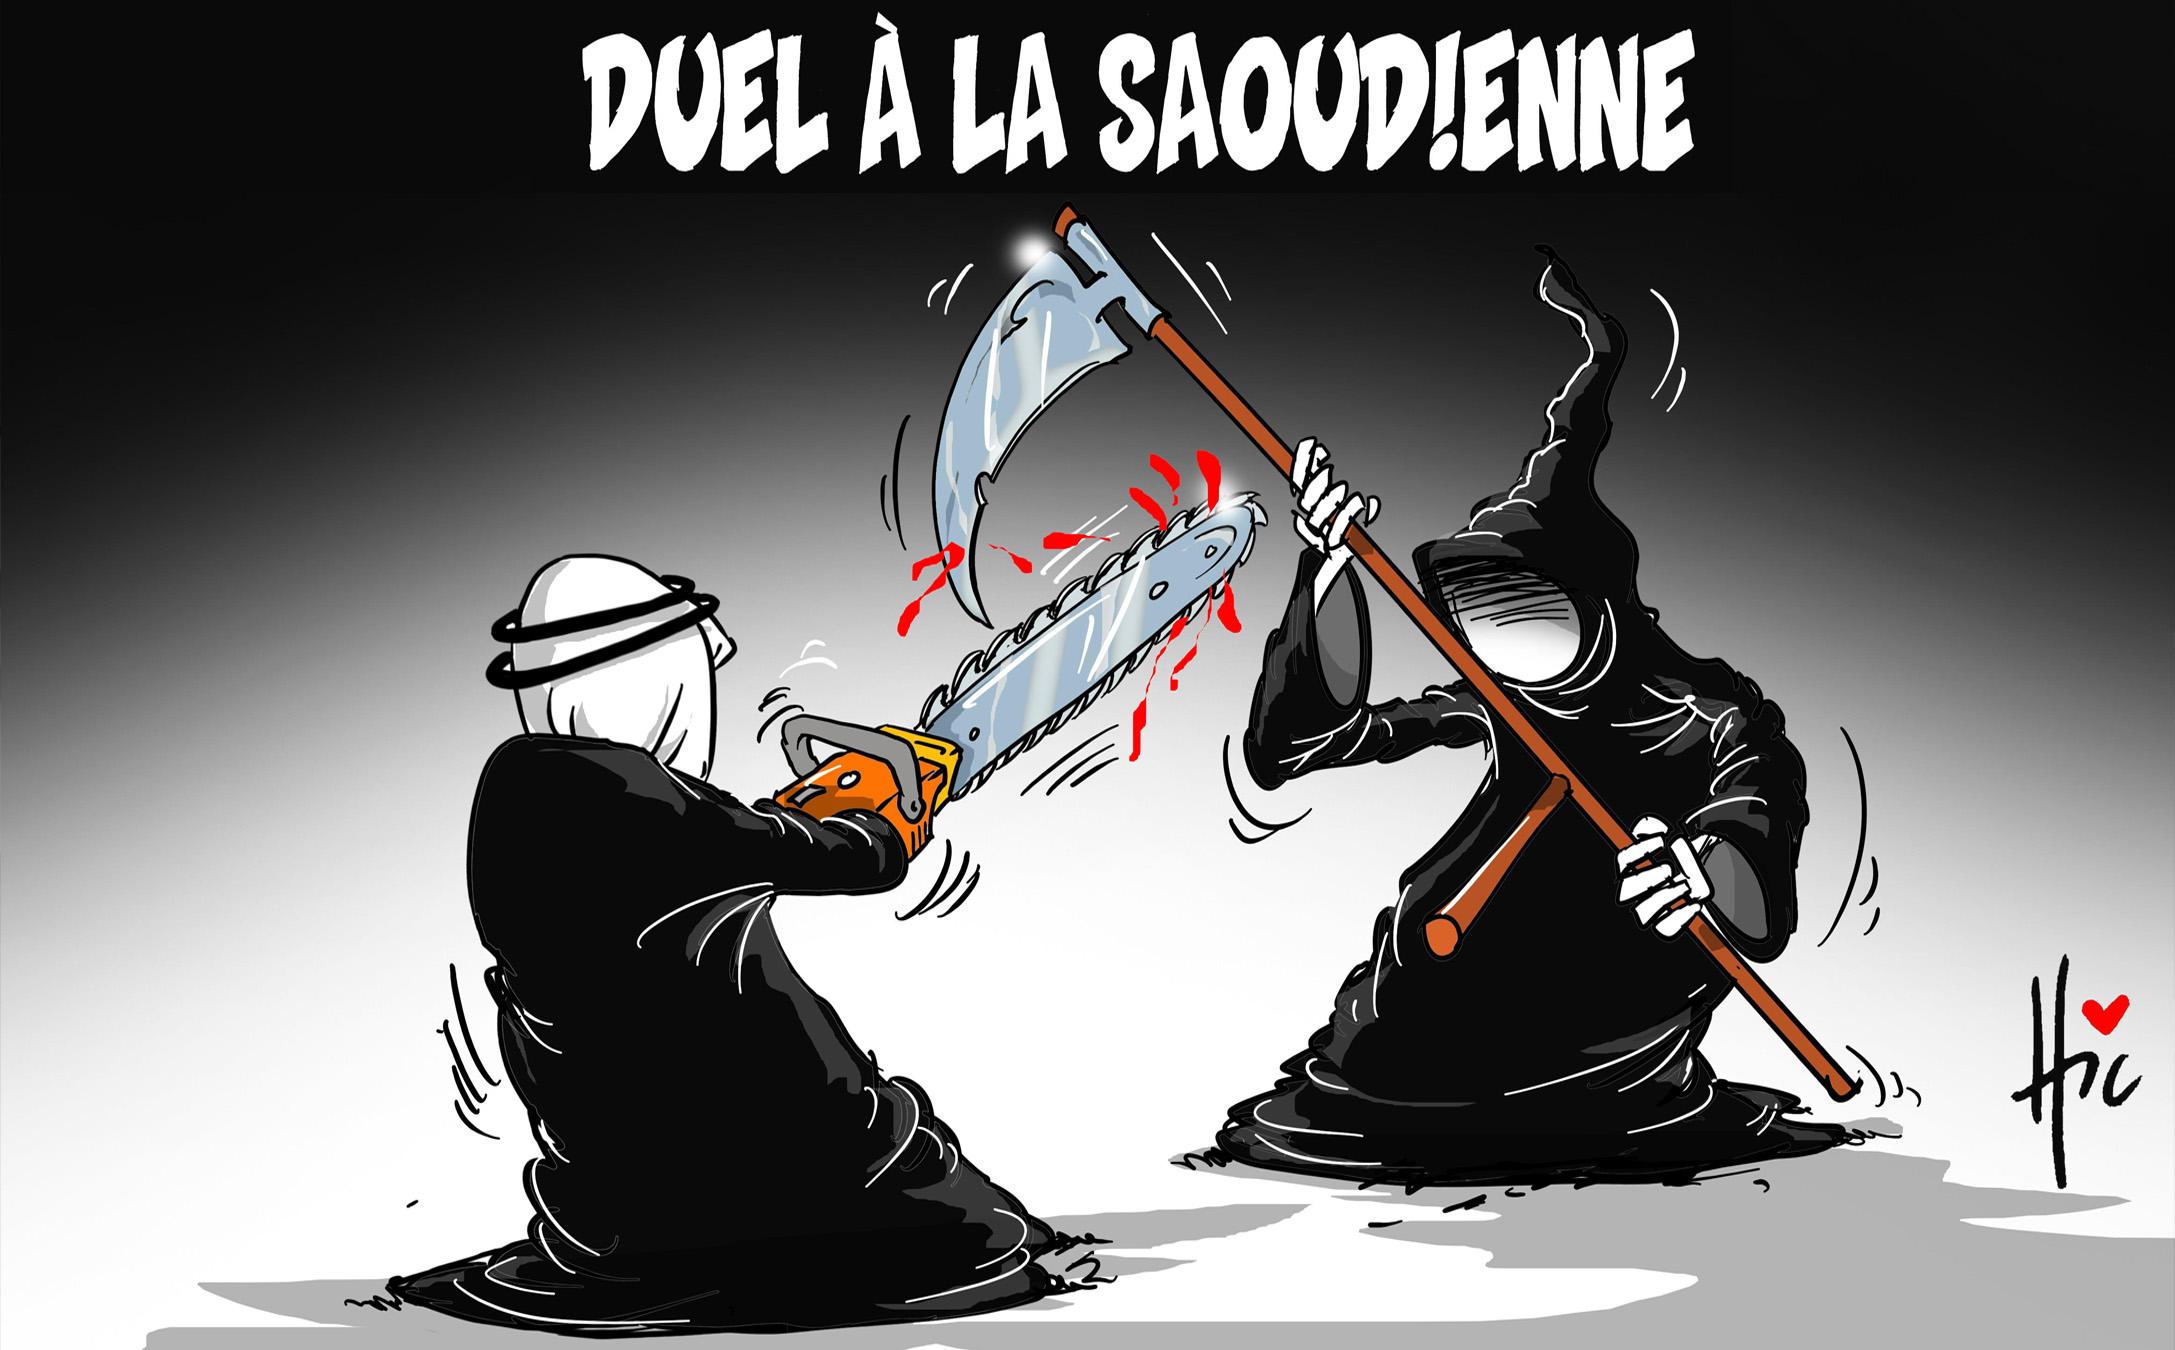 Duel à la saoudienne - Dessins et Caricatures, Le Hic - El Watan - Gagdz.com